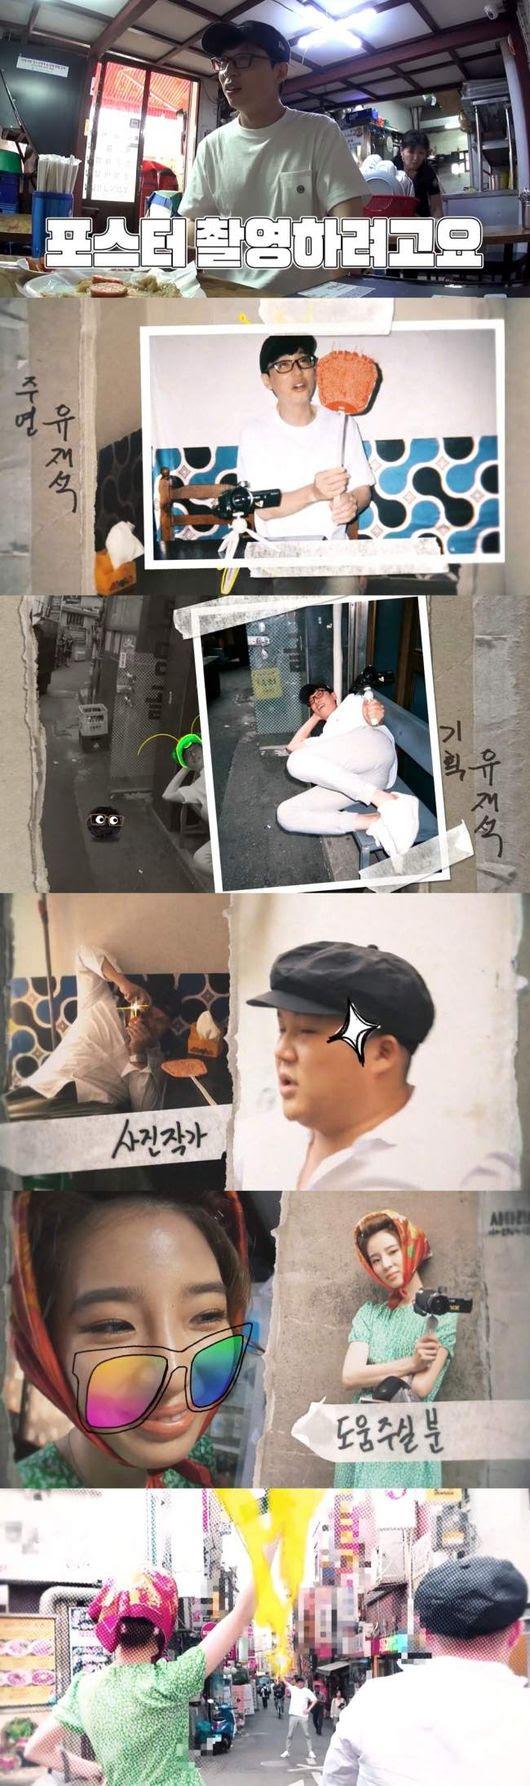 '놀면 뭐하니?' 유재석x조세호, 레트로 감성 포스터 공개..27일 첫 ...